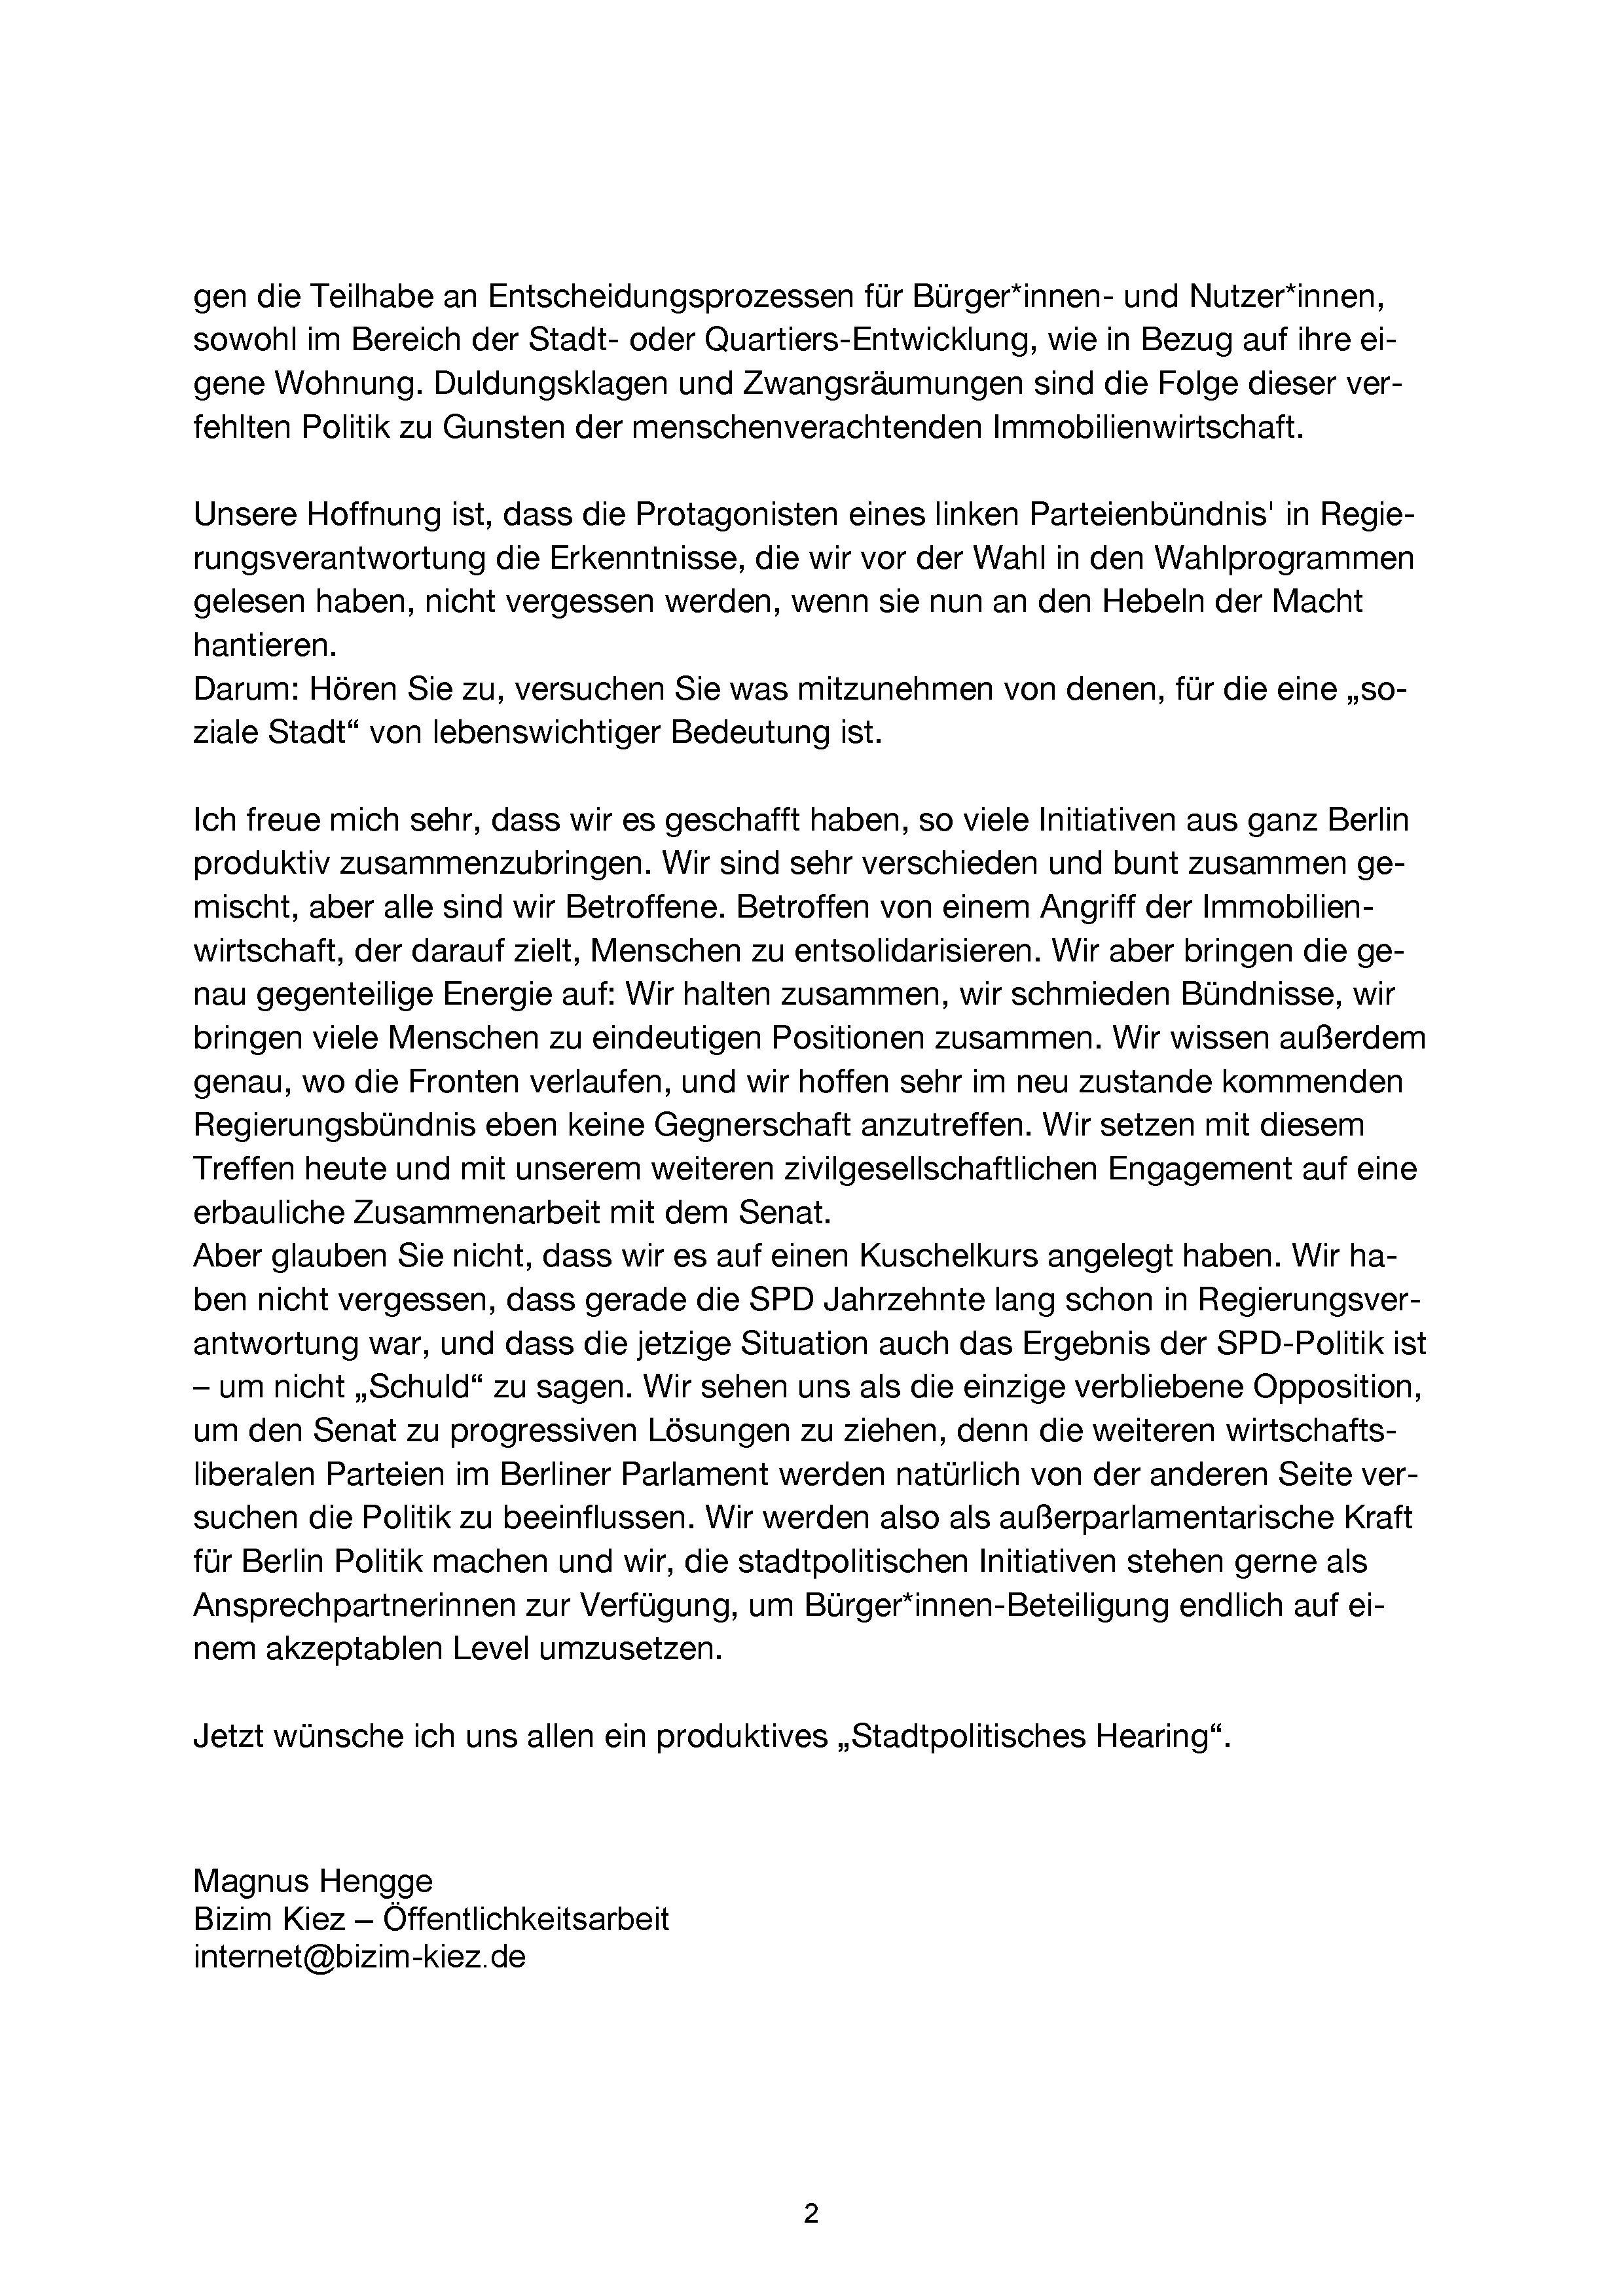 stadtpolitisches_hearing_021116_pressemappe_03